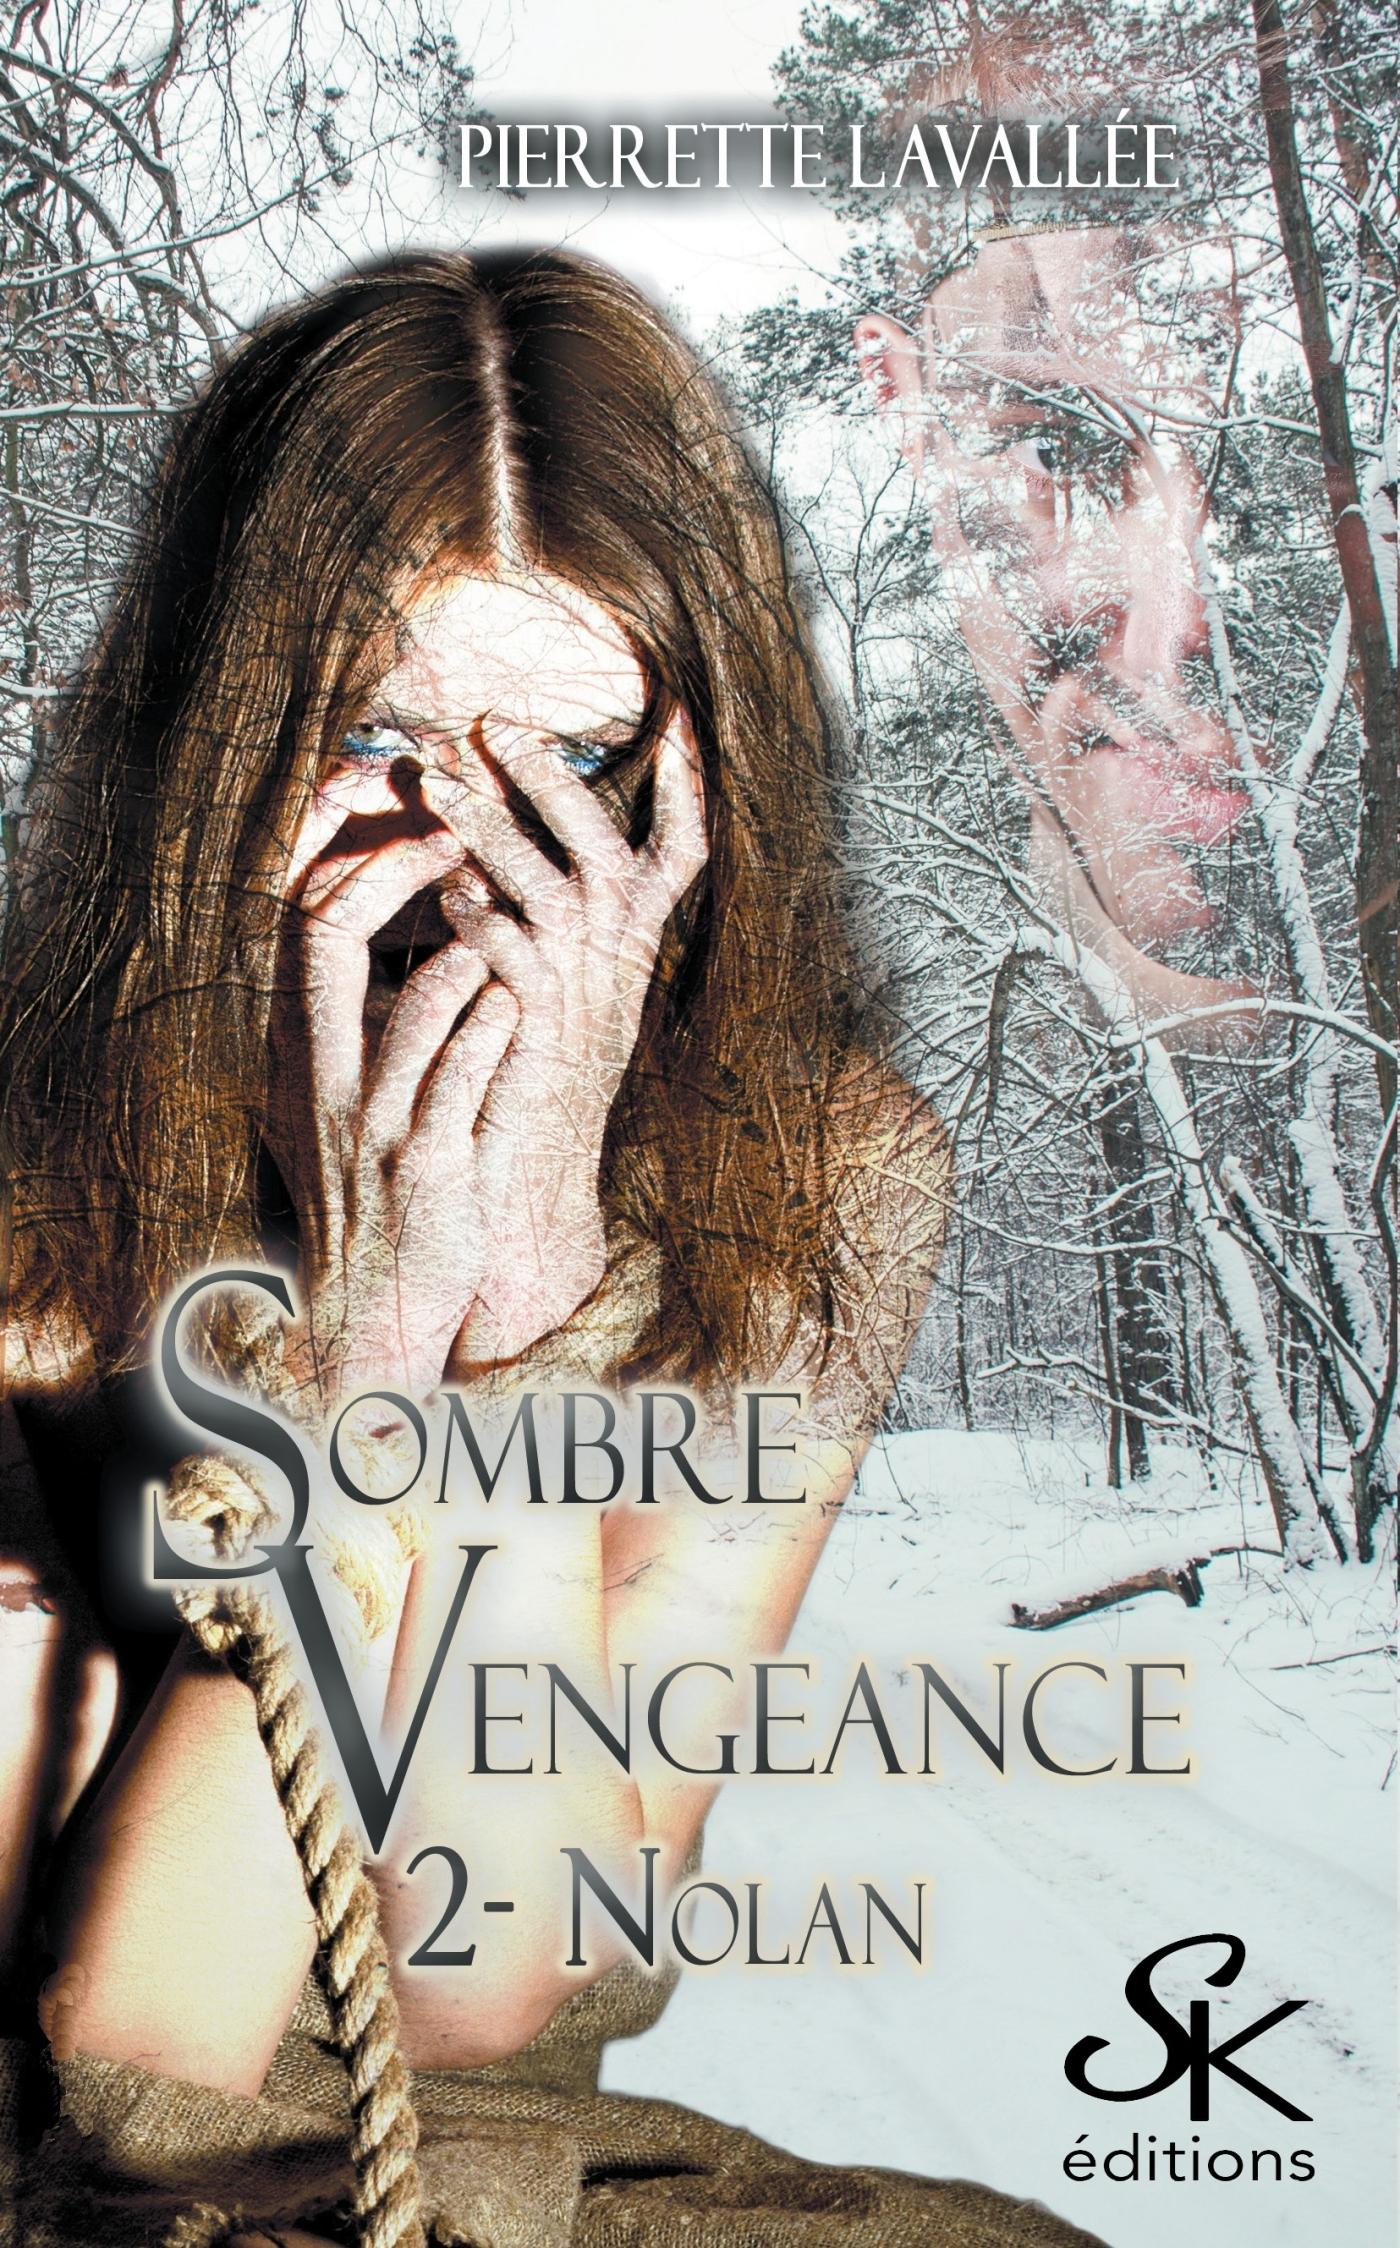 SOMBRE VENGEANCE 2